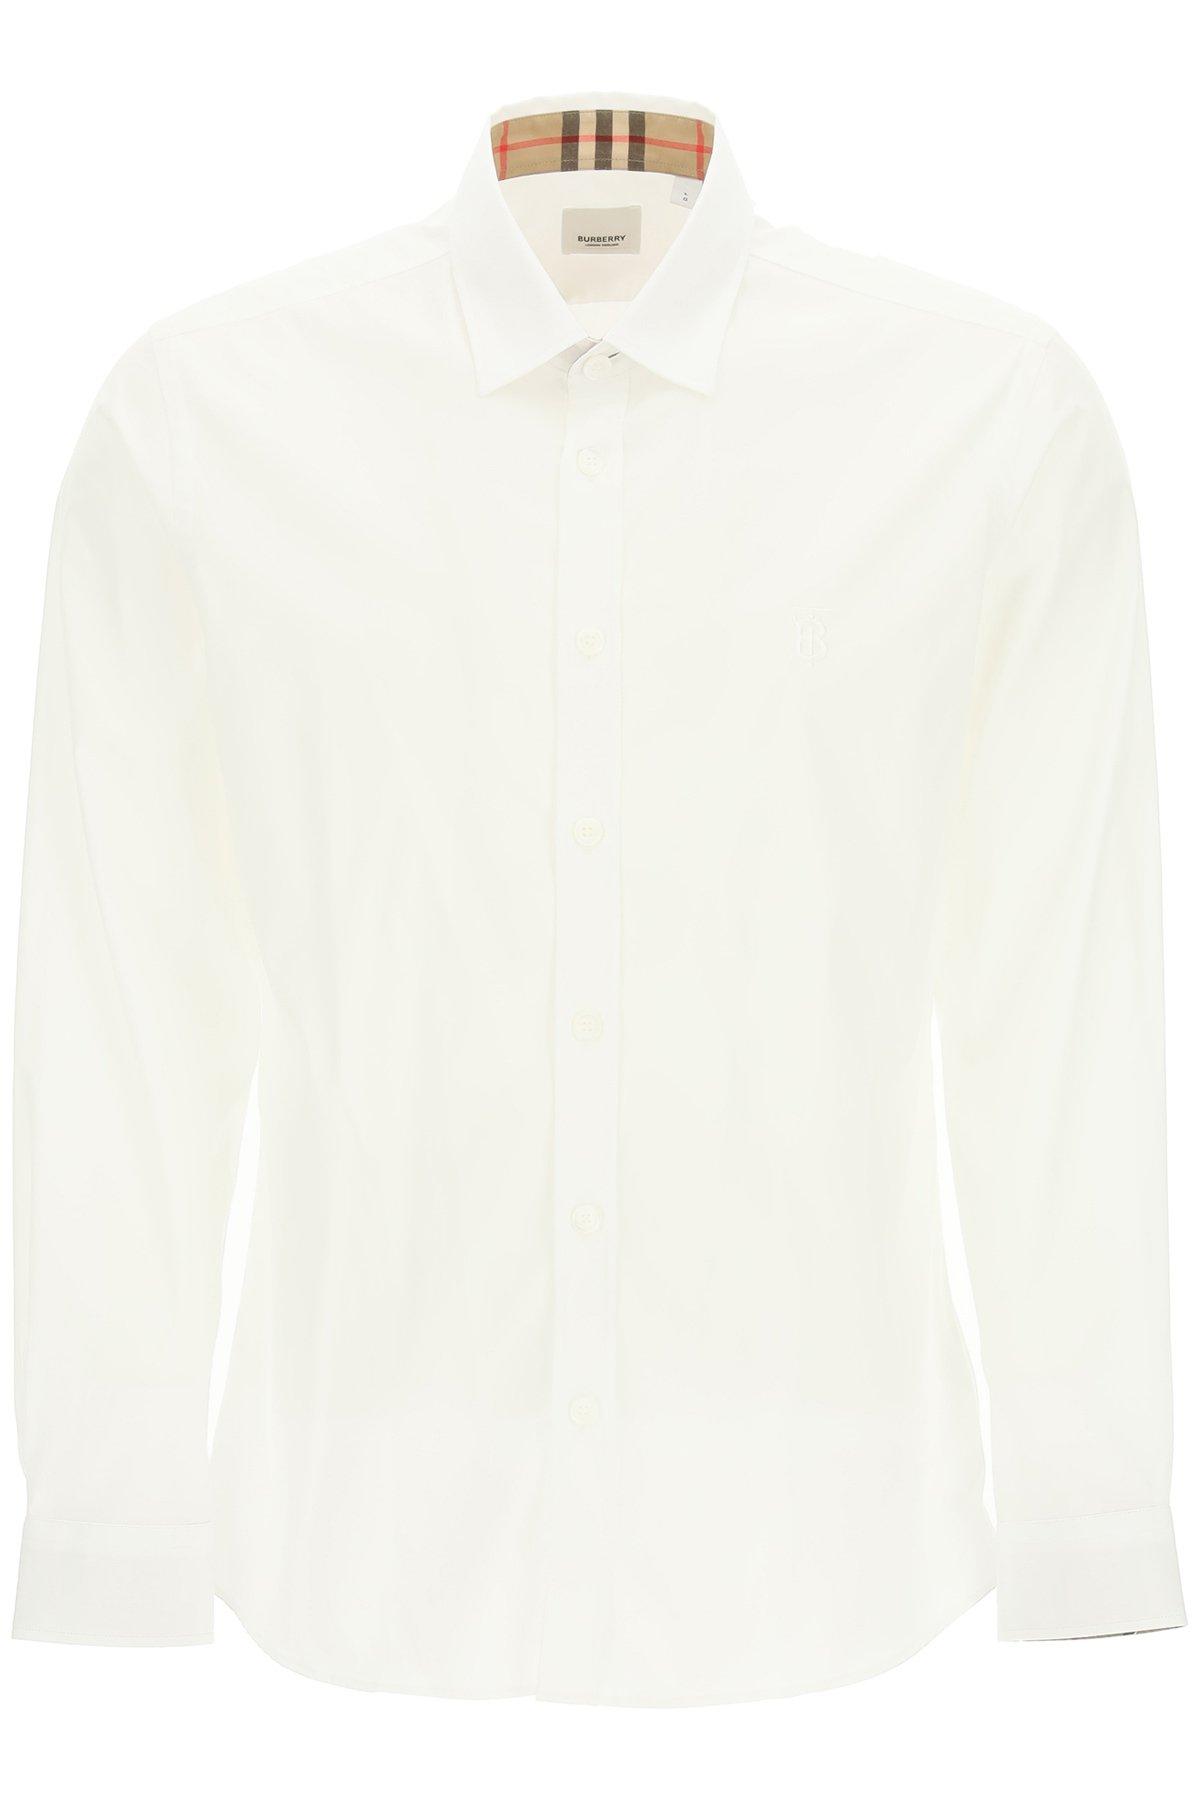 Burberry camicia slim con monogramma